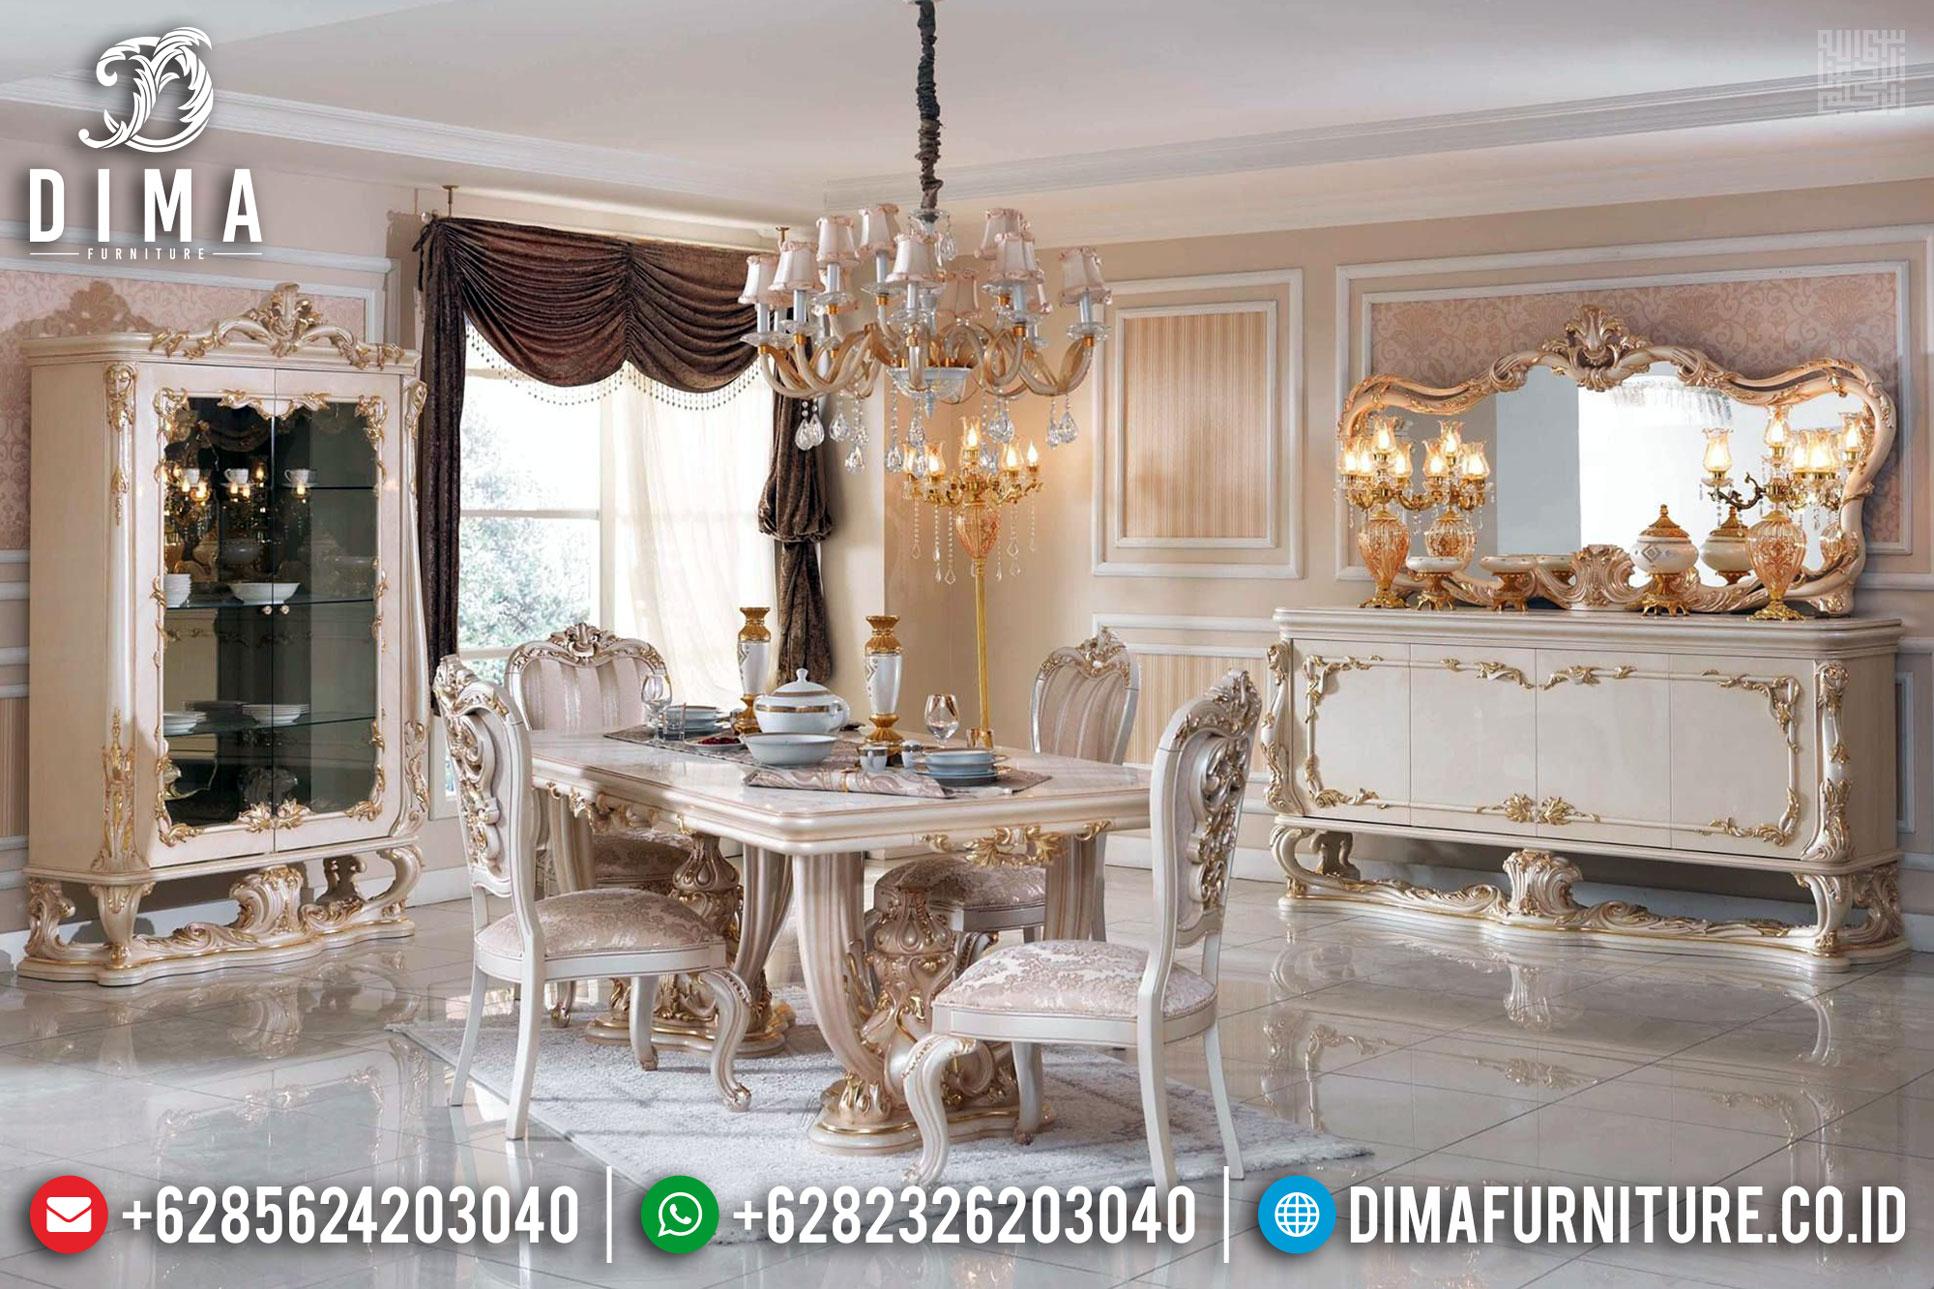 Model Meja Makan Mewah Terbaru Luxury Classic Carving Best Friday Sale TTJ-1343